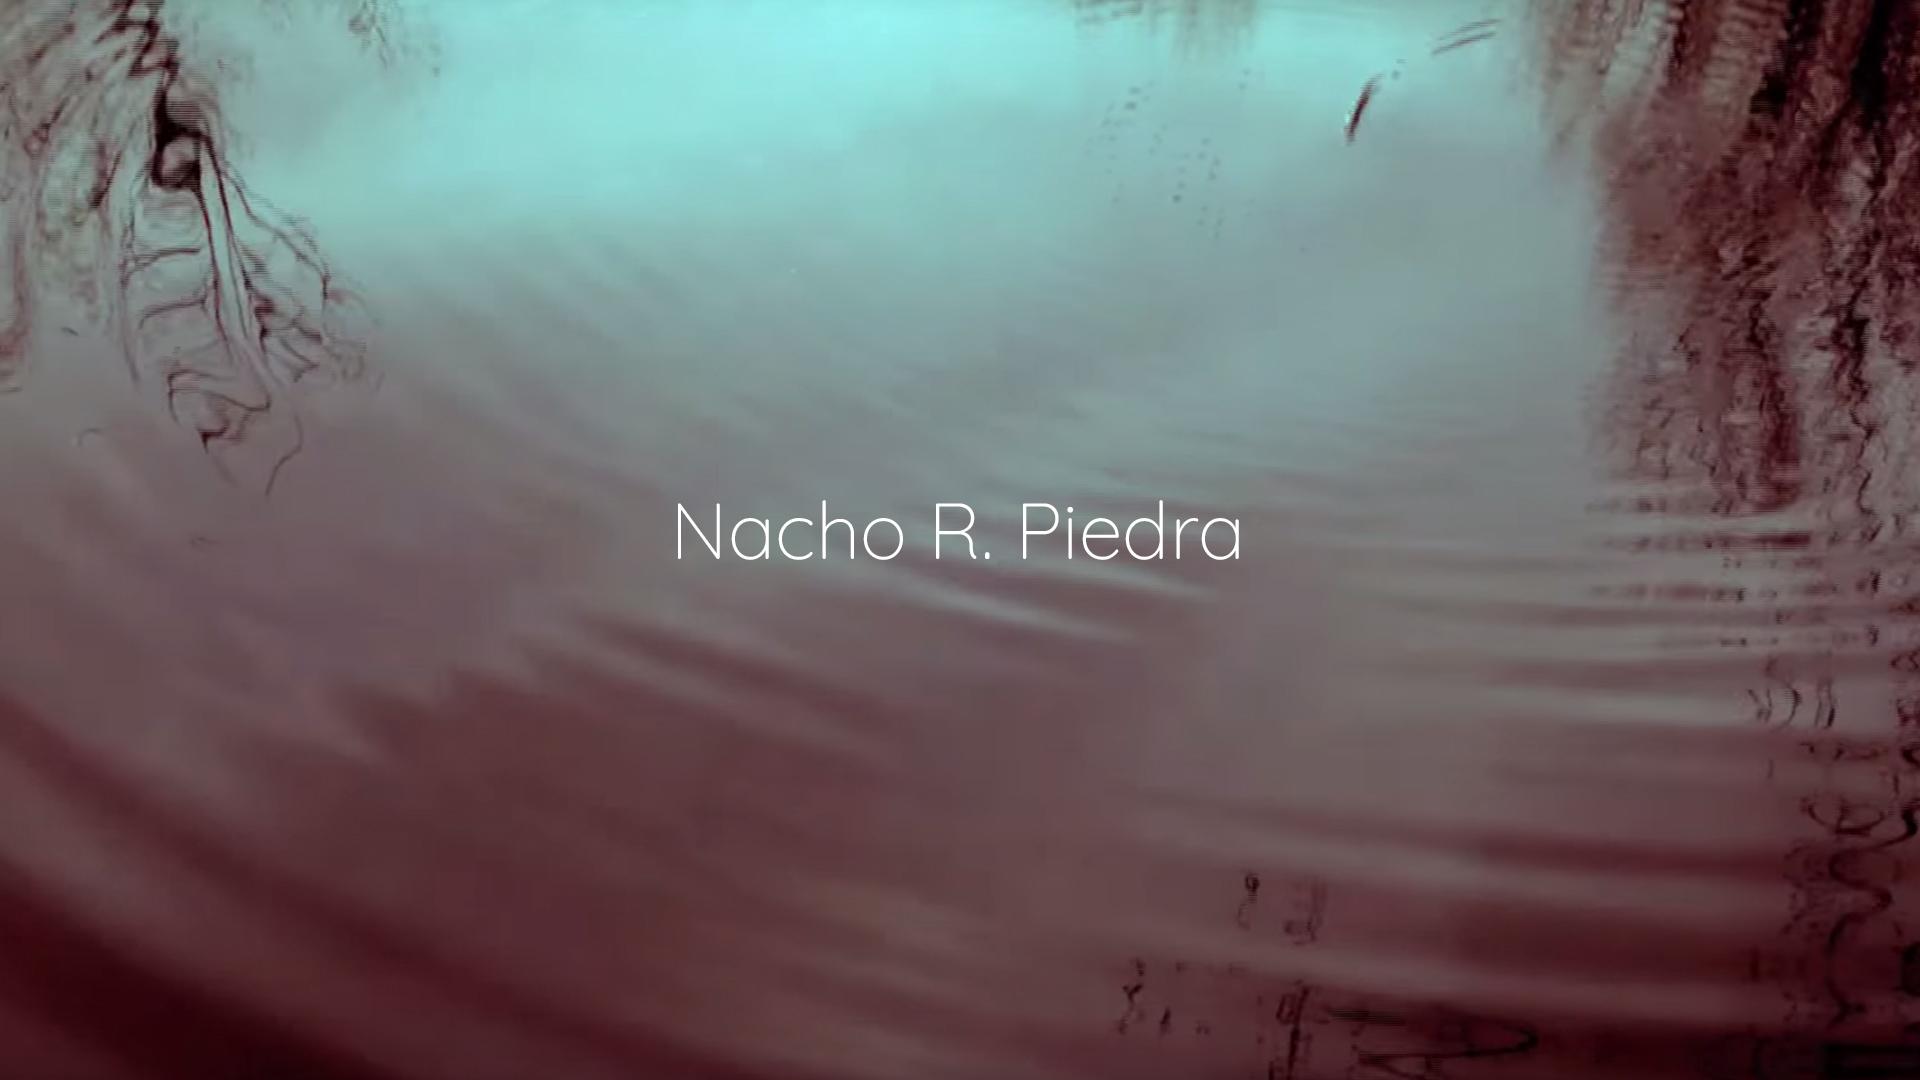 Nacho R. Piedra, web por murciègalo